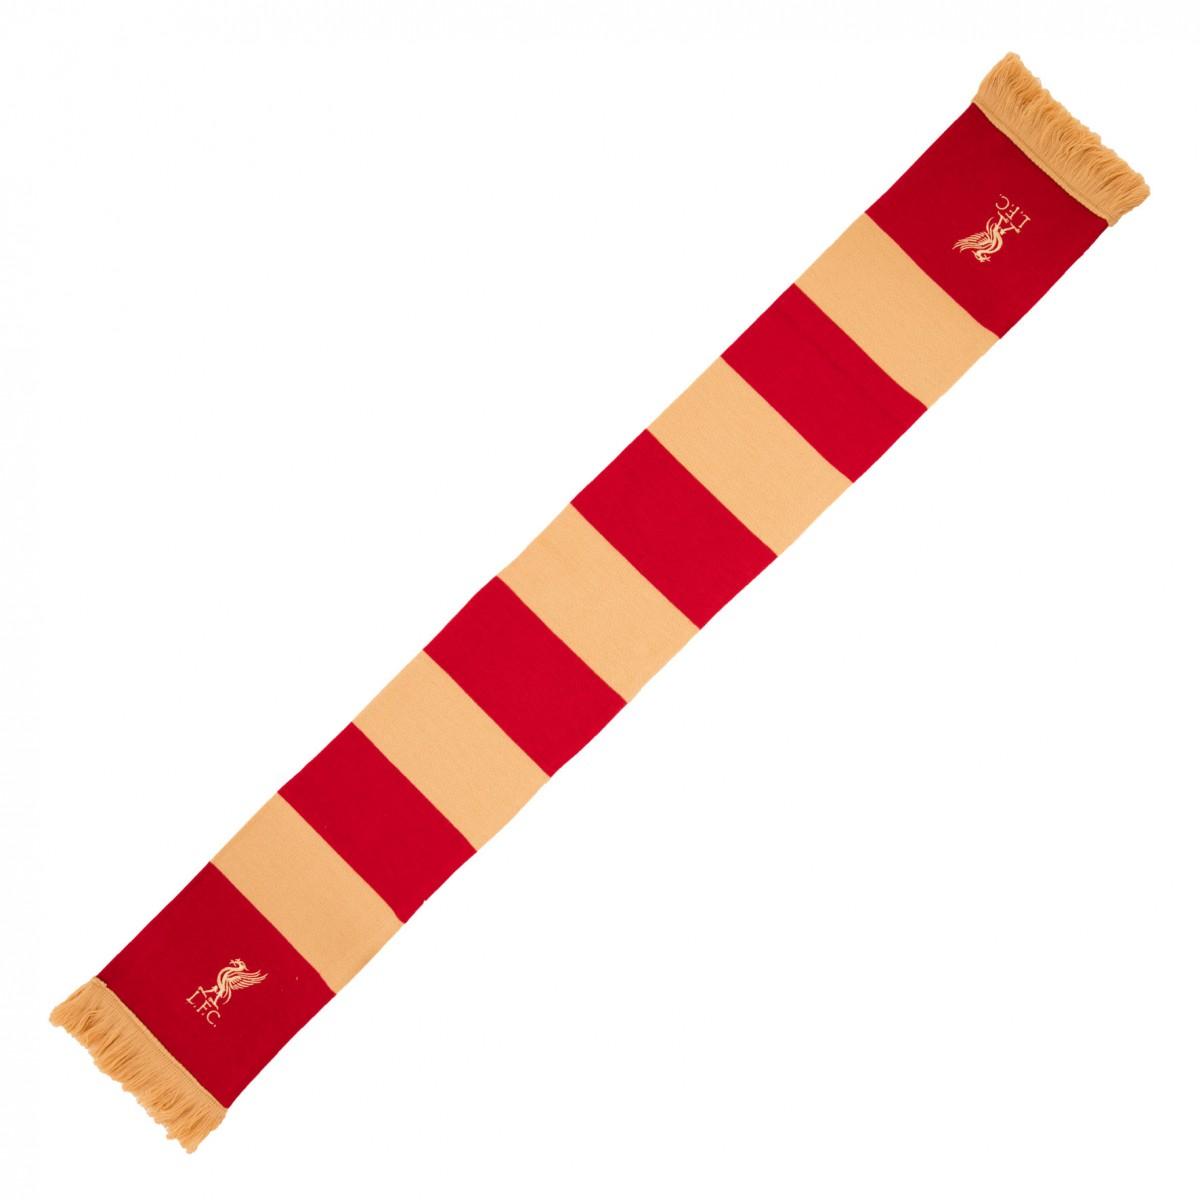 ผ้าพันคอลิเวอร์พูล Red & Gold Bar Scarf ของแท้